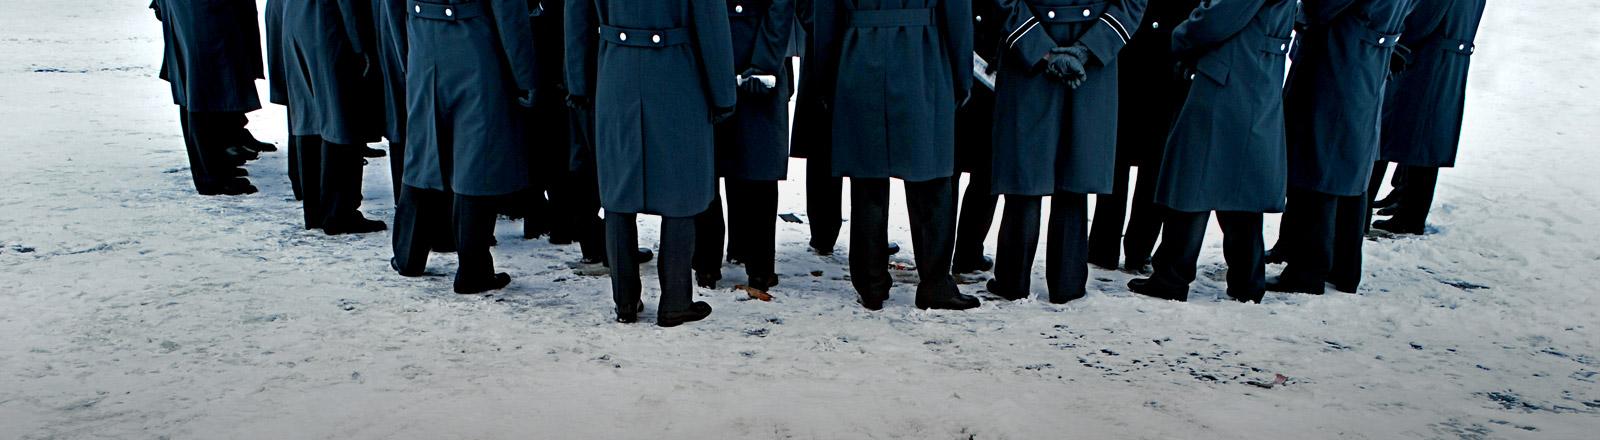 Eine Gruppe von Männern in Frack.